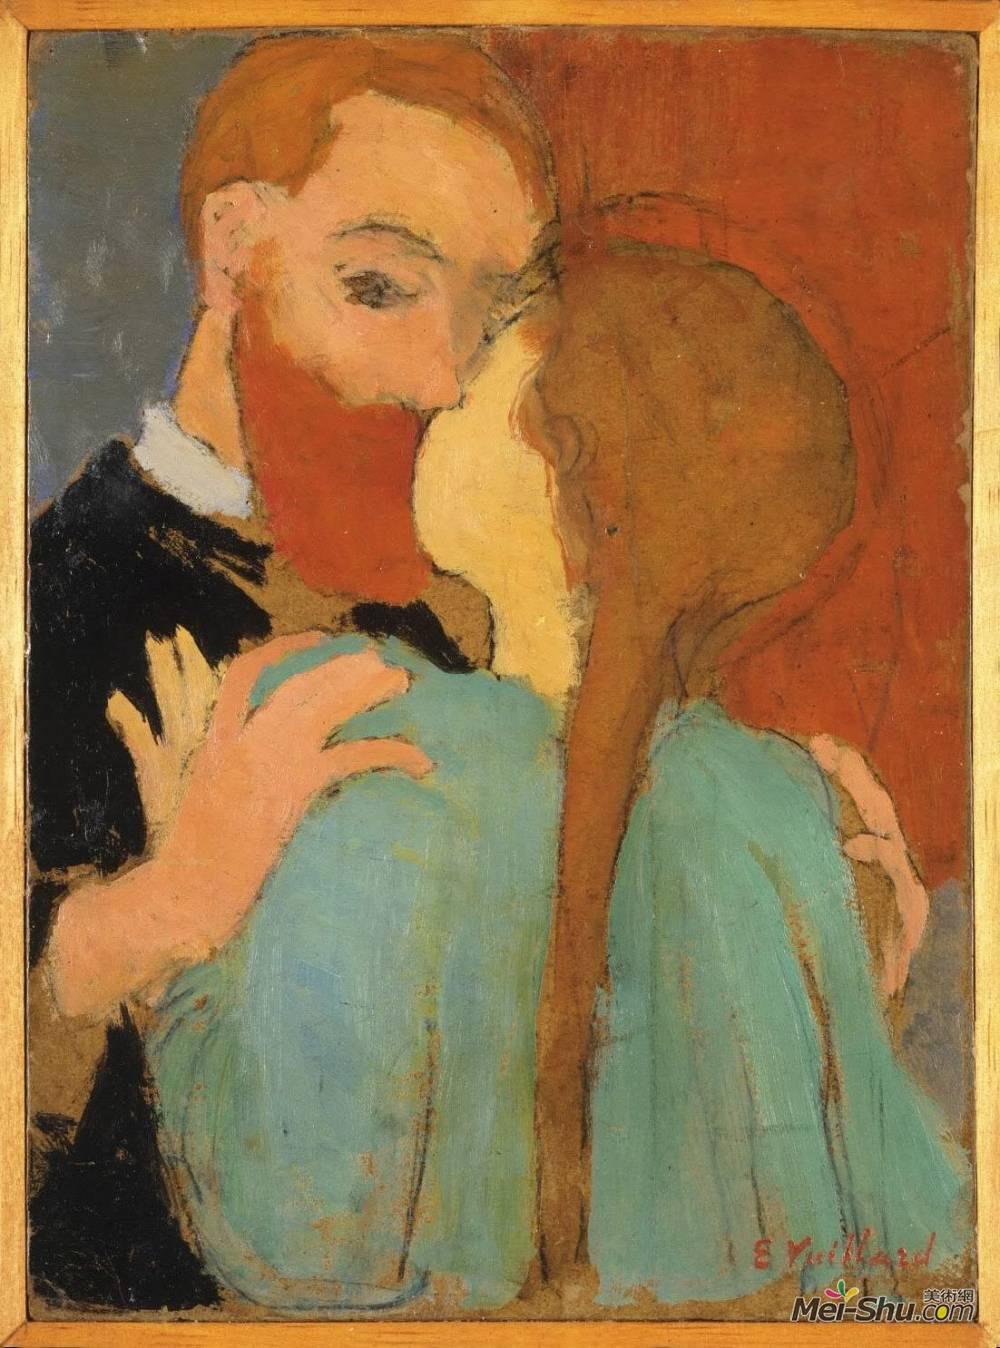 愛德華·維亞爾(Edouard Vuillard)